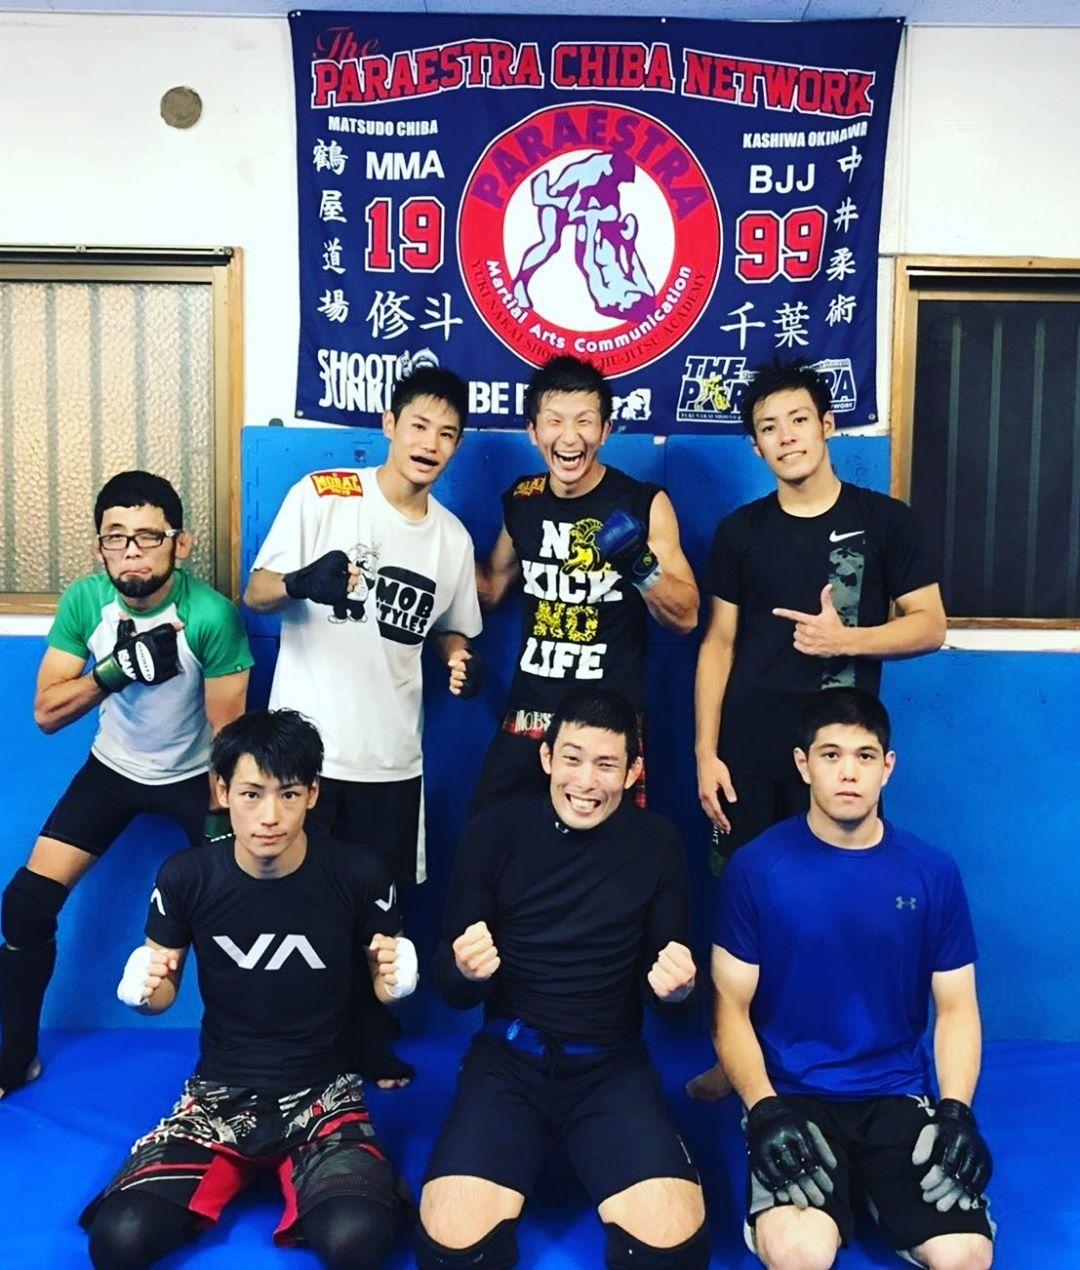 昨日はTheパラエストラ沖縄那覇キックボクシングクラスにパンクラスフライ級3位の上田将竜選手(緒方道場)が出稽古に来られました! 全日本アマチュア修斗前に生徒に胸を貸していただき良い経験となりました。 今後とも上田選手の活躍を期待しております、有り難う御座いました!  #パラエストラ #沖縄 #那覇 #与儀 #MMA #shooto #コザ #総合格闘技 #修斗 #キックボクシング #柔術 #jiujitsu #ダイエット